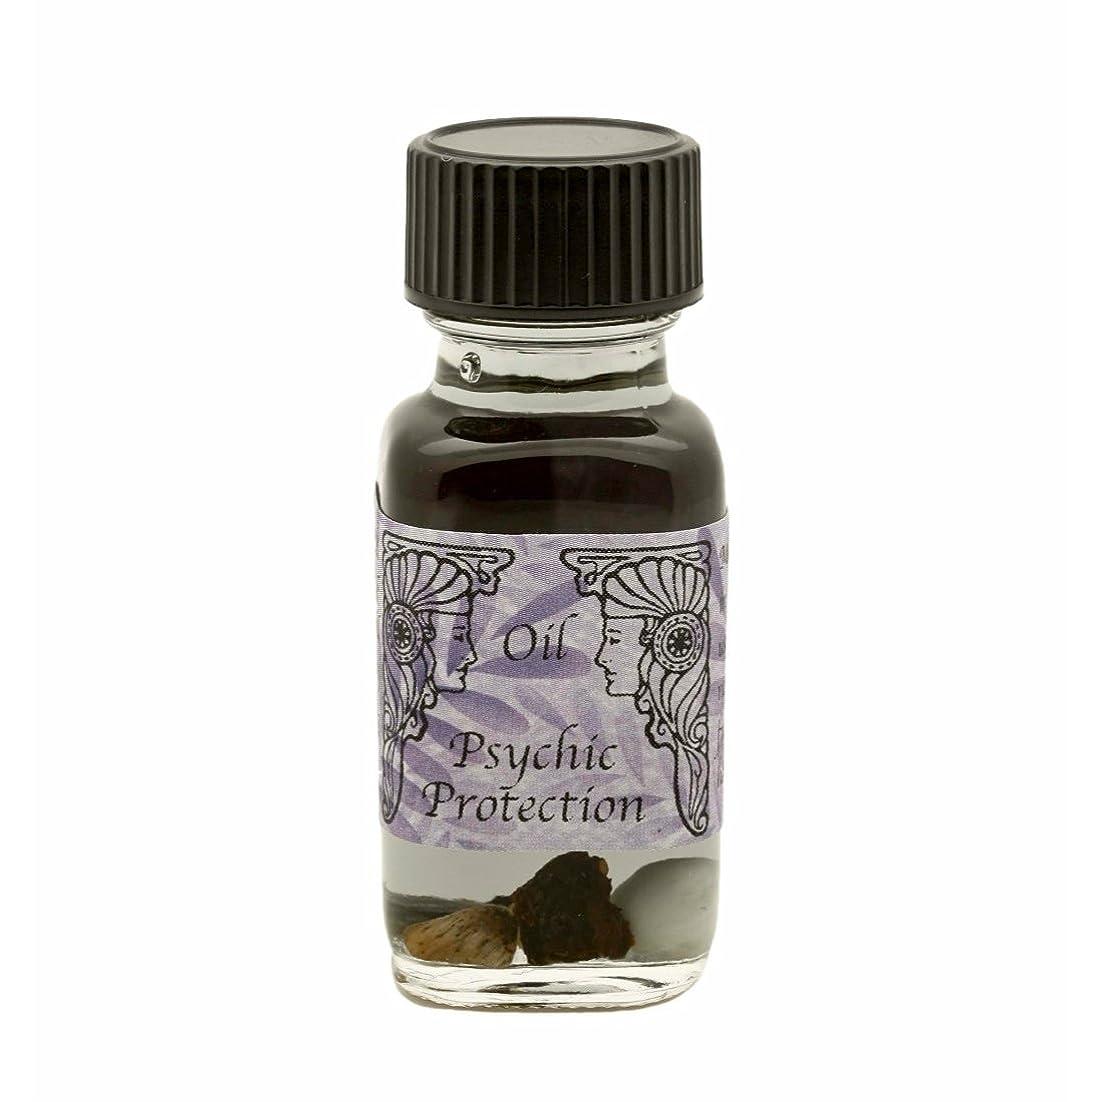 文献箱明示的にアンシェントメモリーオイル サイキックプロテクション Psychic Protection スピリチュアルバリア 2017年新作 (Ancient Memory Oils)